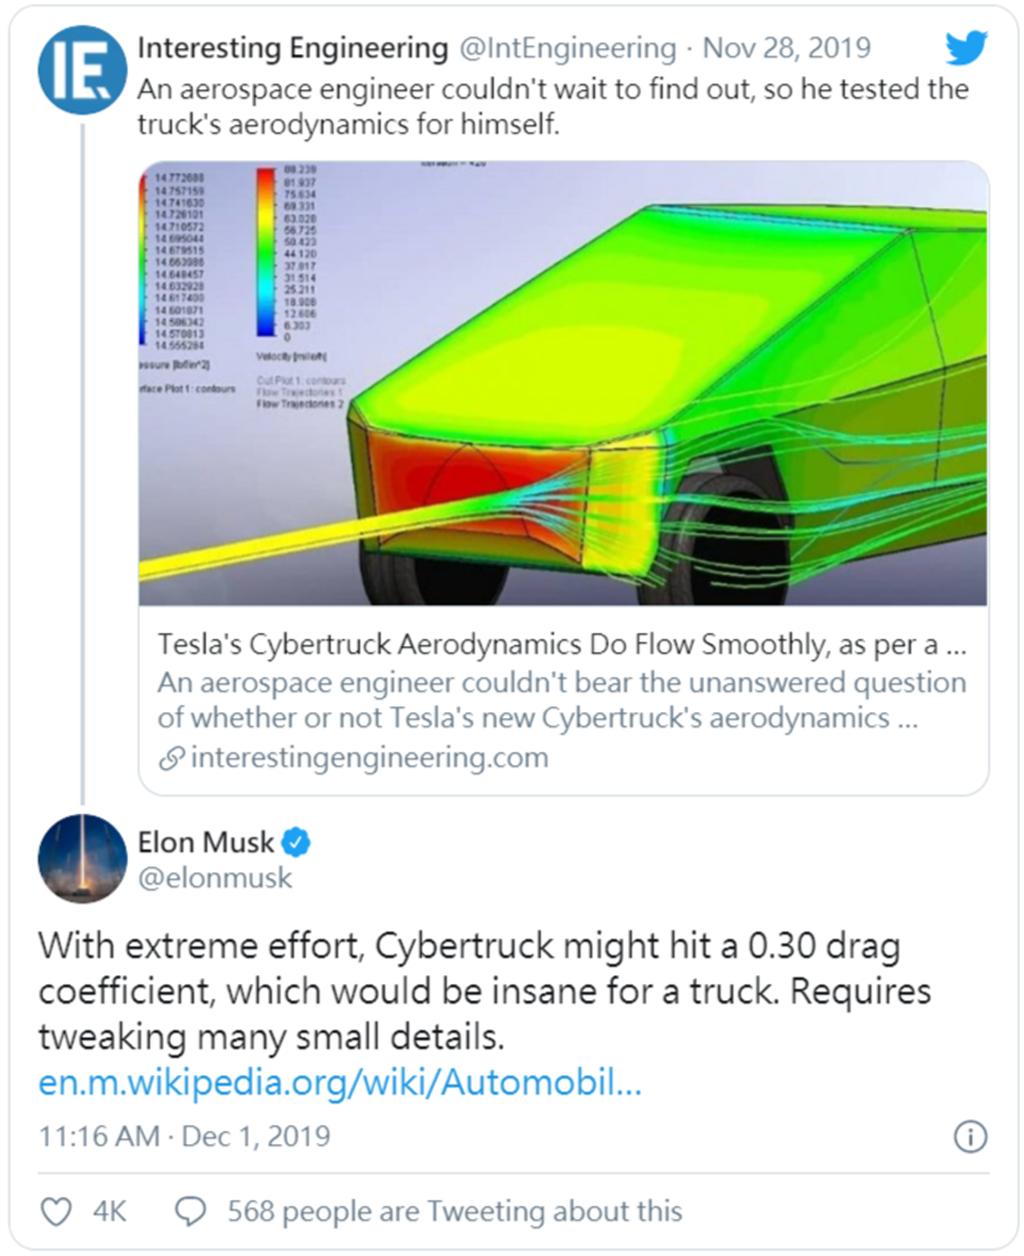 電池日爆點滿滿?分析師預估特斯拉電池產能成長 30 倍,馬斯克直言當天「會很狂」!